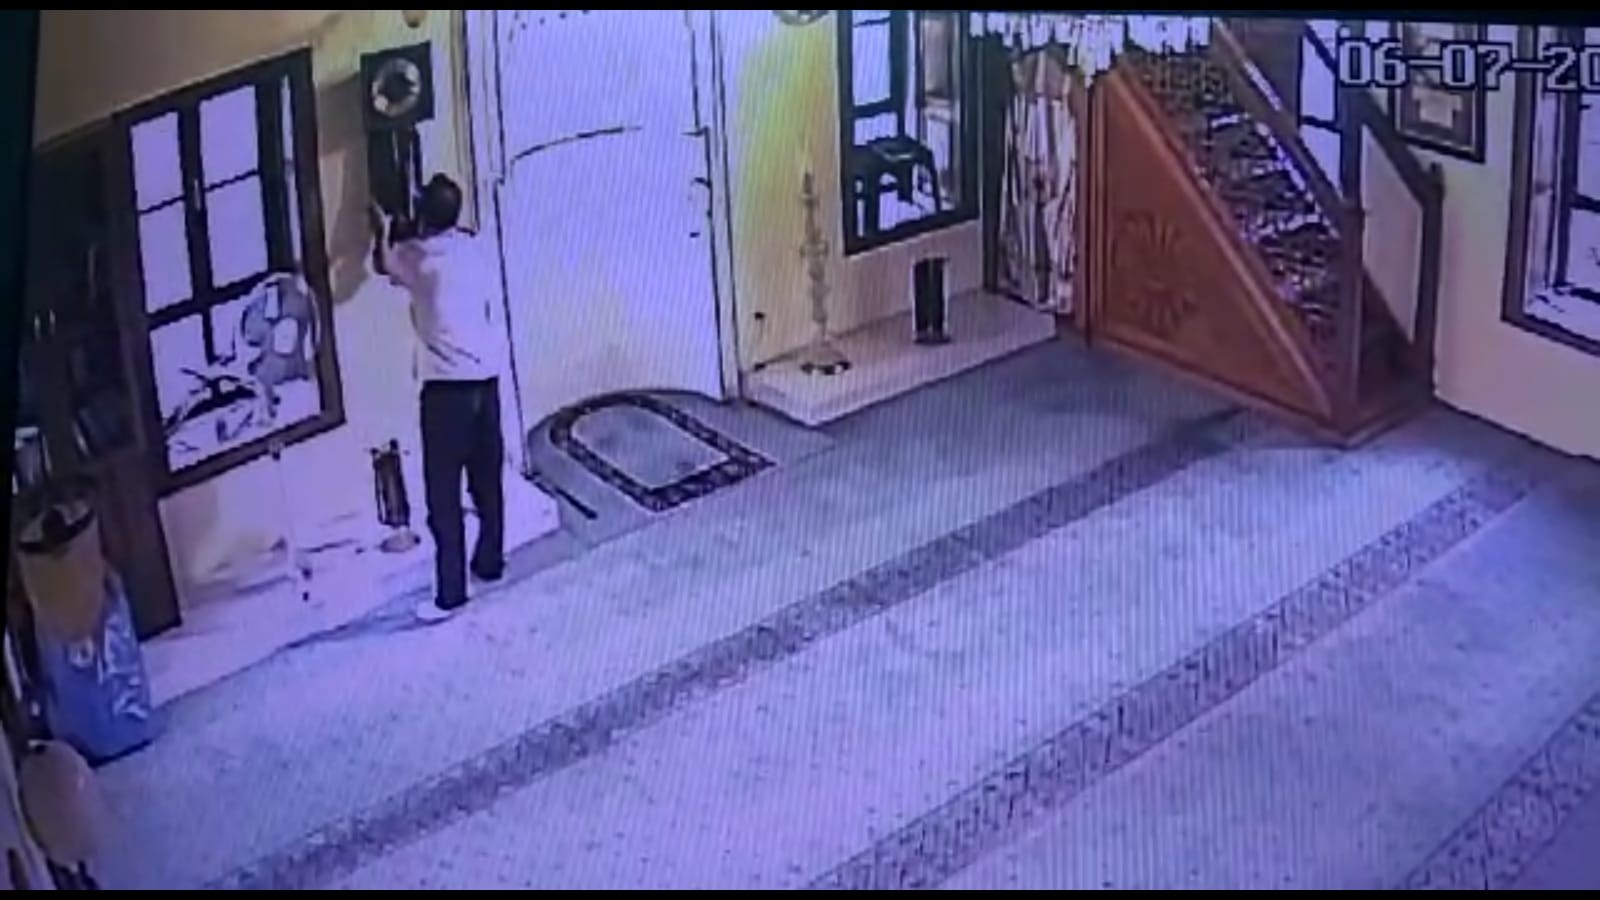 Önce namaz kıldı, sonra camideki tarihi saati çaldı